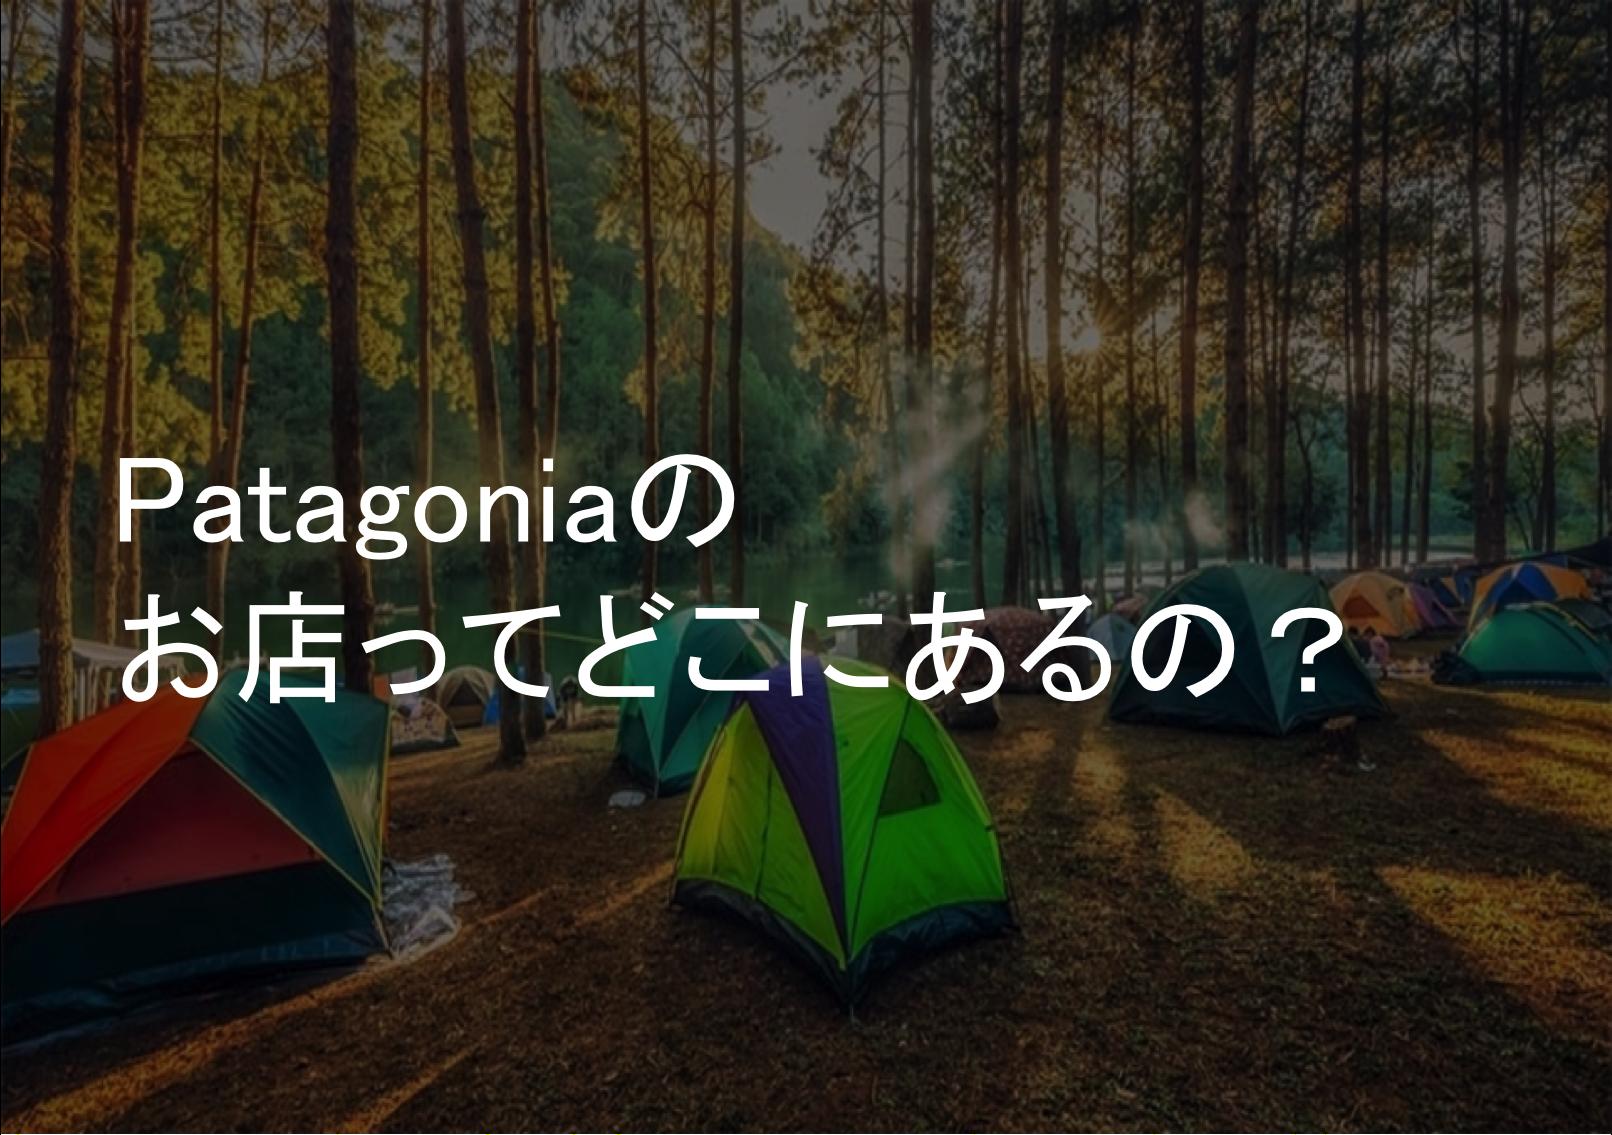 Patagonia(パタゴニア)のお店ってどこにあるの?